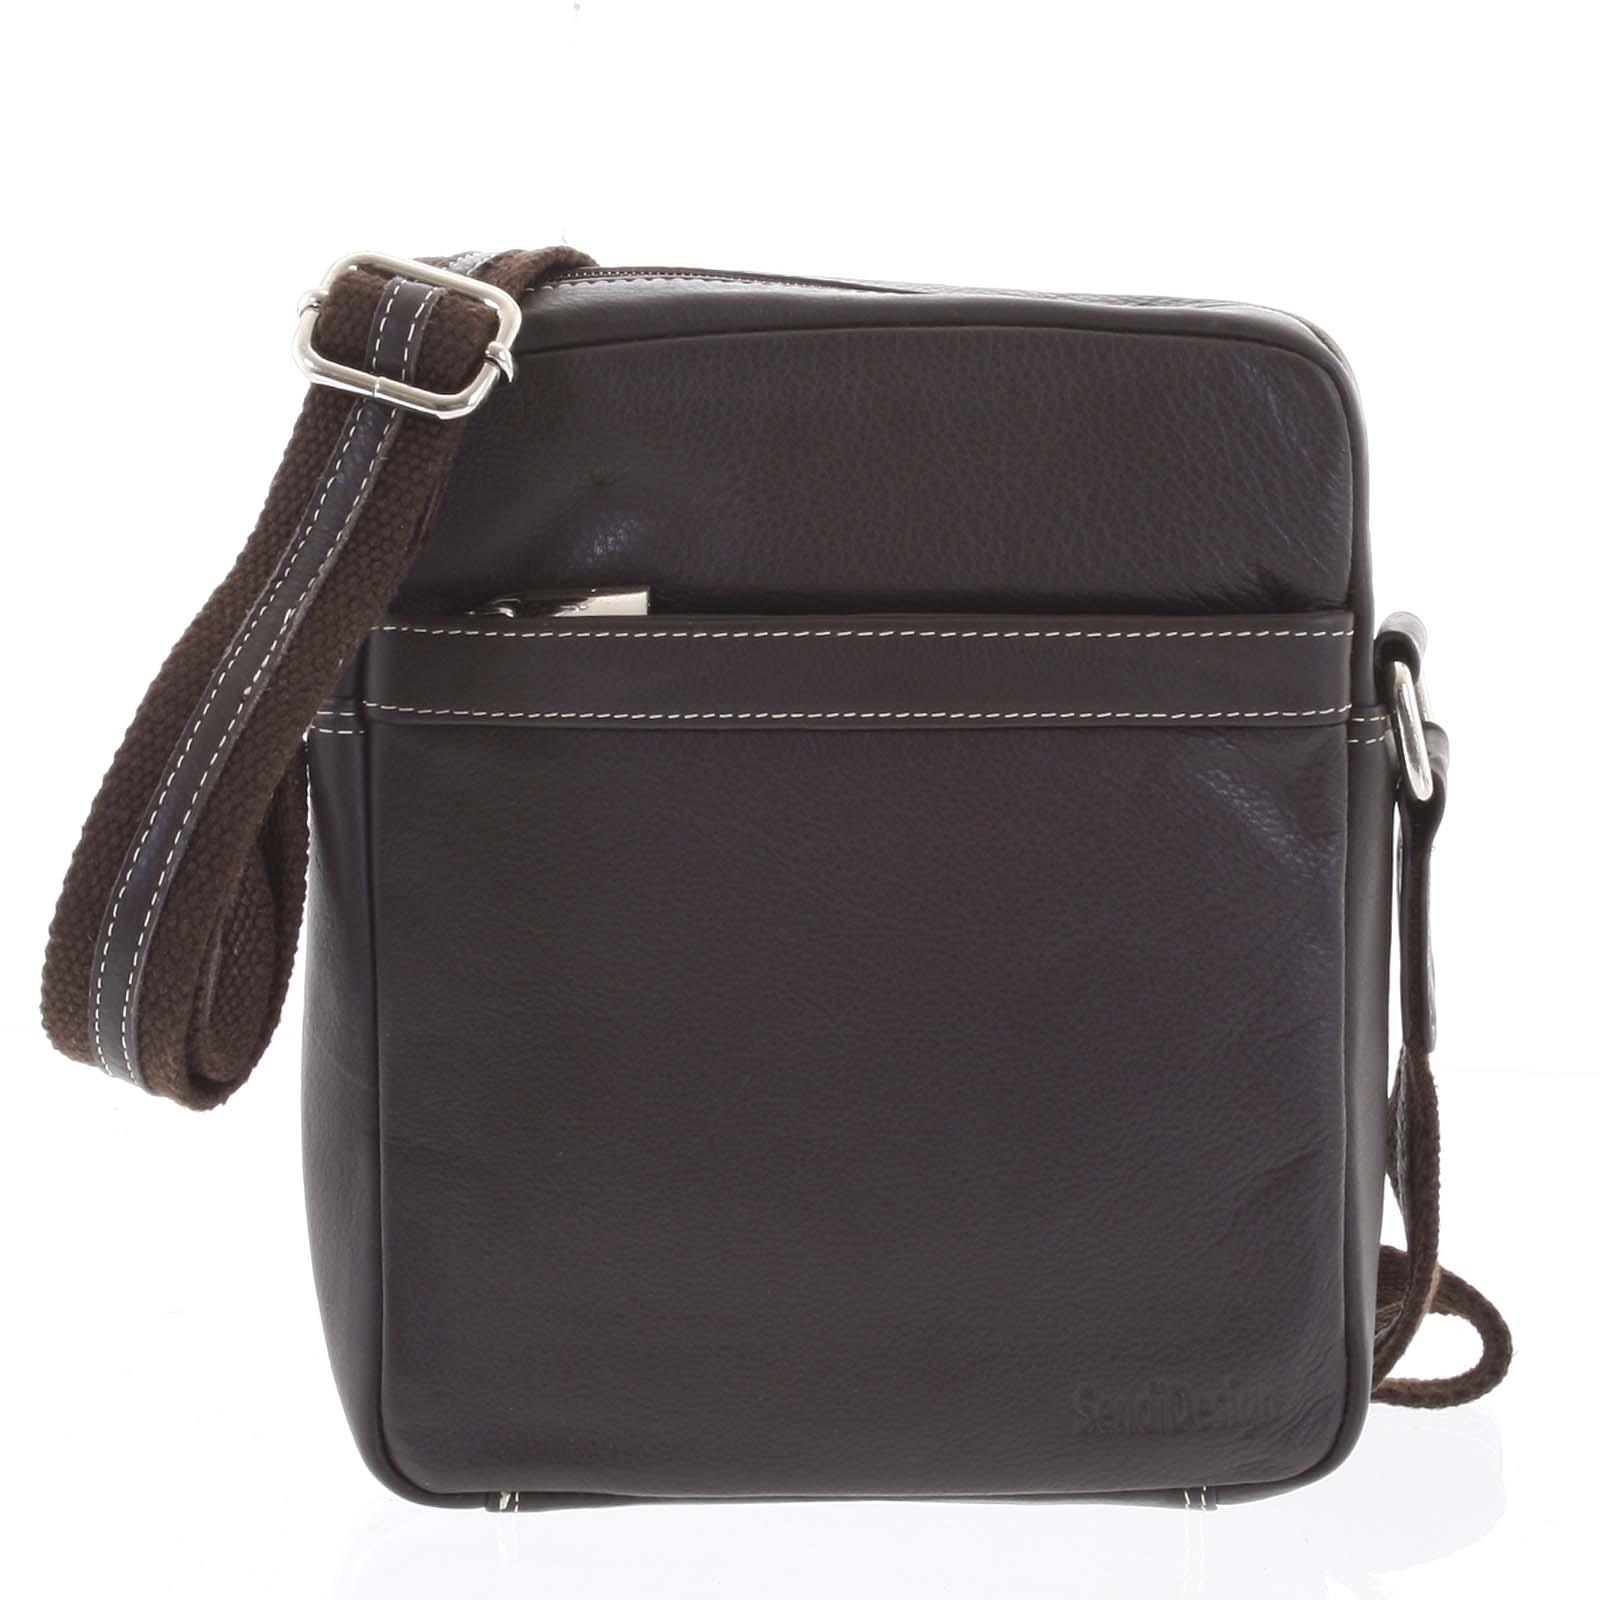 Luxusná kožená taška IG711